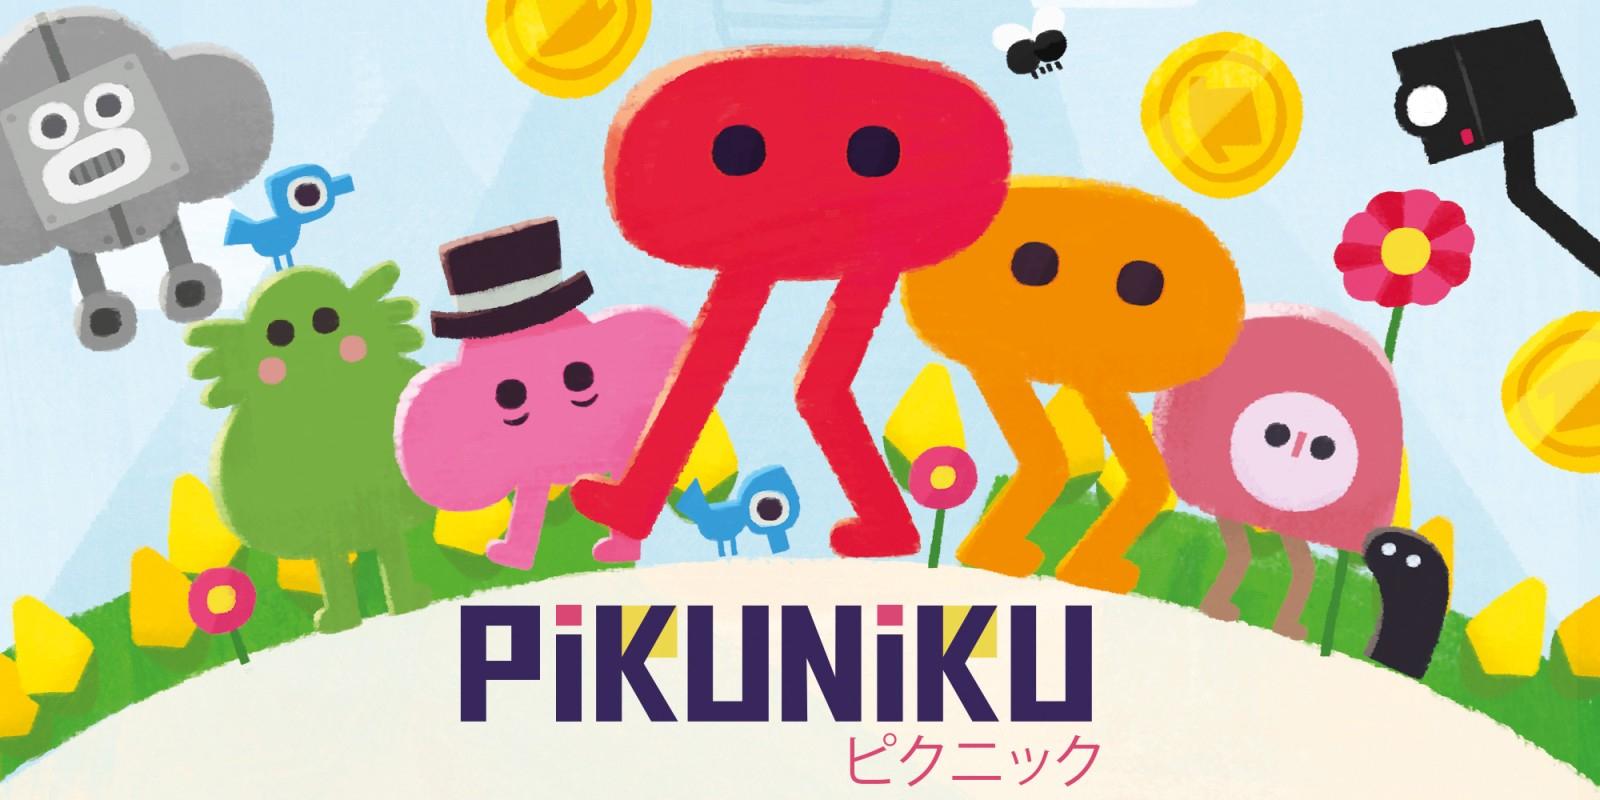 Pikuniku | Jeux À Télécharger Sur Nintendo Switch | Jeux à Puzzle Gratuit A Telecharger Pour Tablette